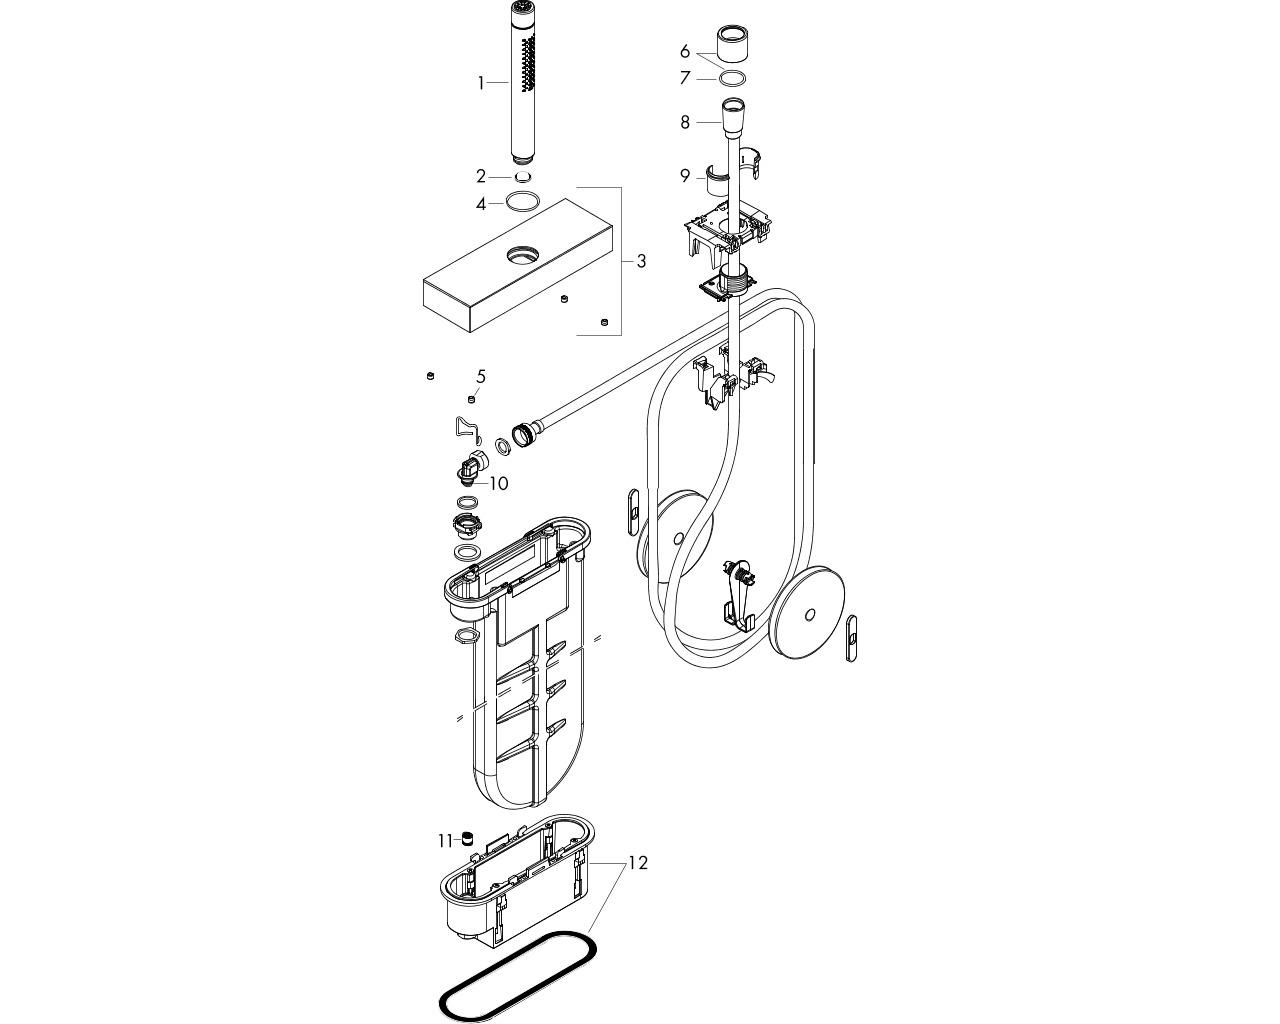 HG Wannenrandset Axor Edge mit sBox und Handbrause chrom